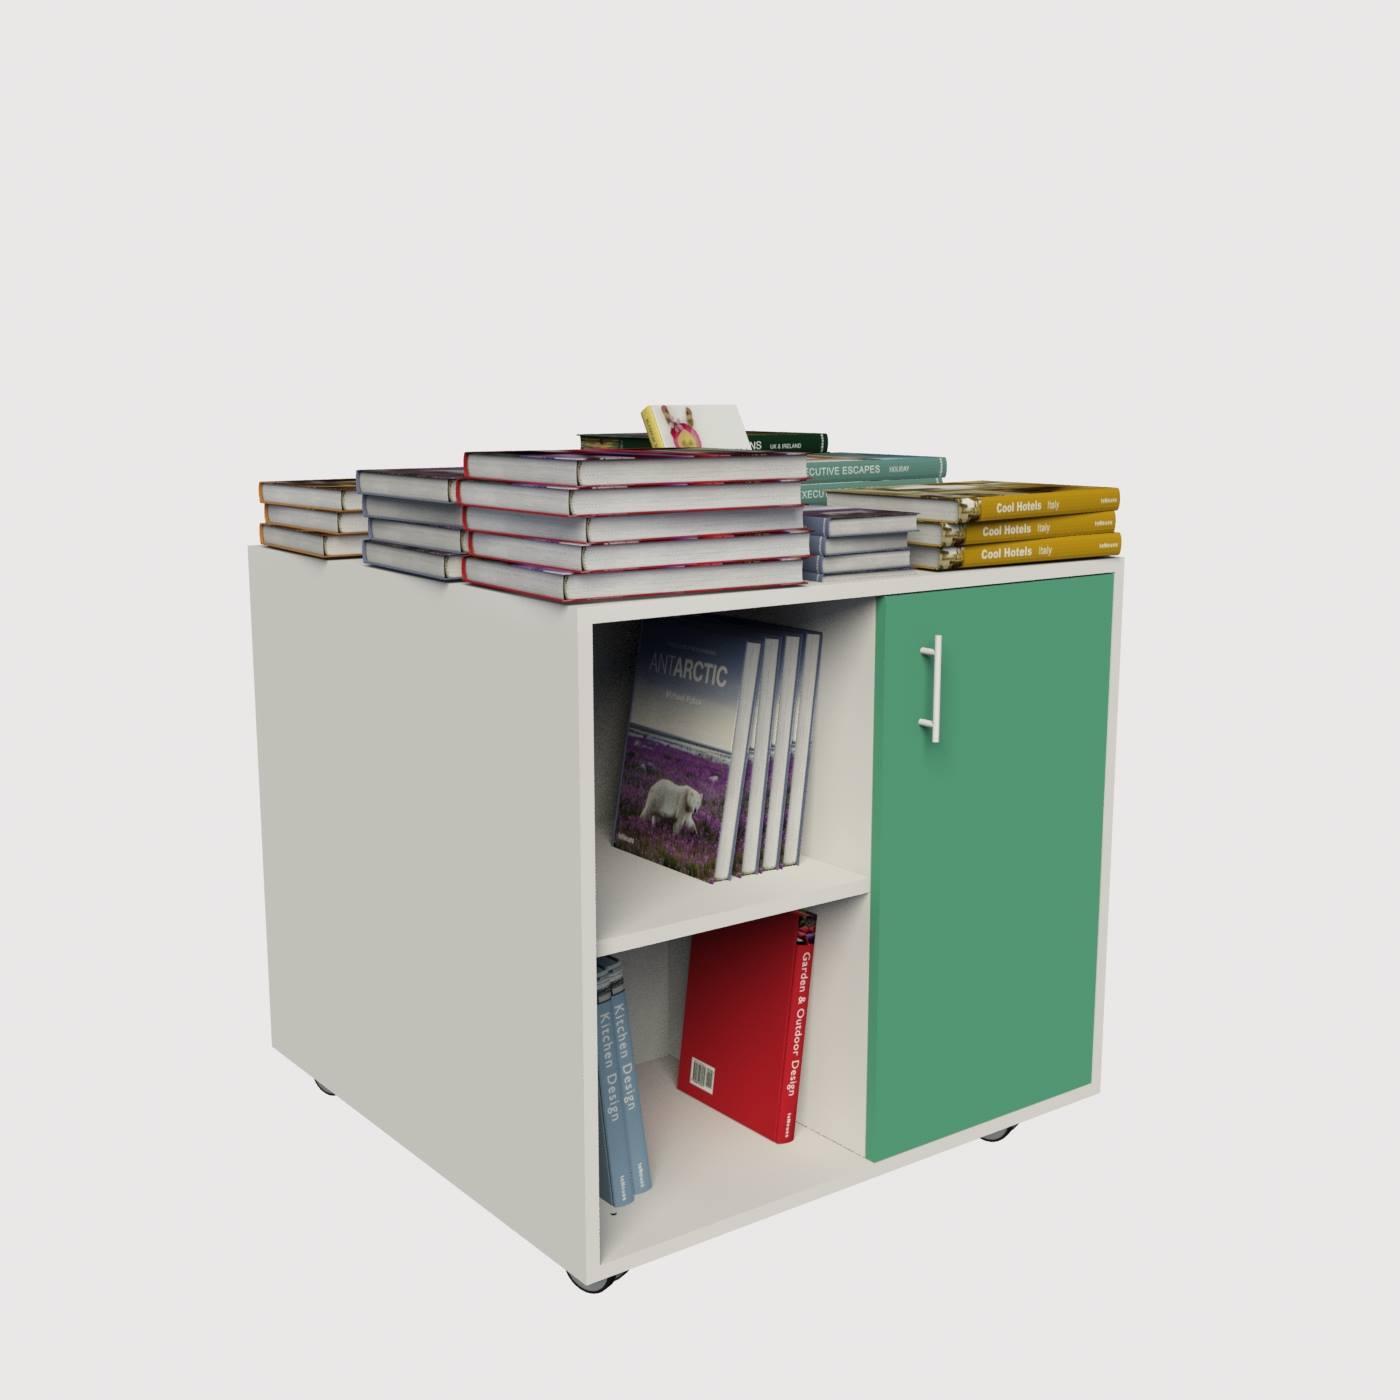 Έπιπλα βιβλιοπωλείου για παιχνίδια βιβλία γραφική ύλη αναλώσιμα περιφερειακά επίπλωση καταστήματος επιπλώσεις